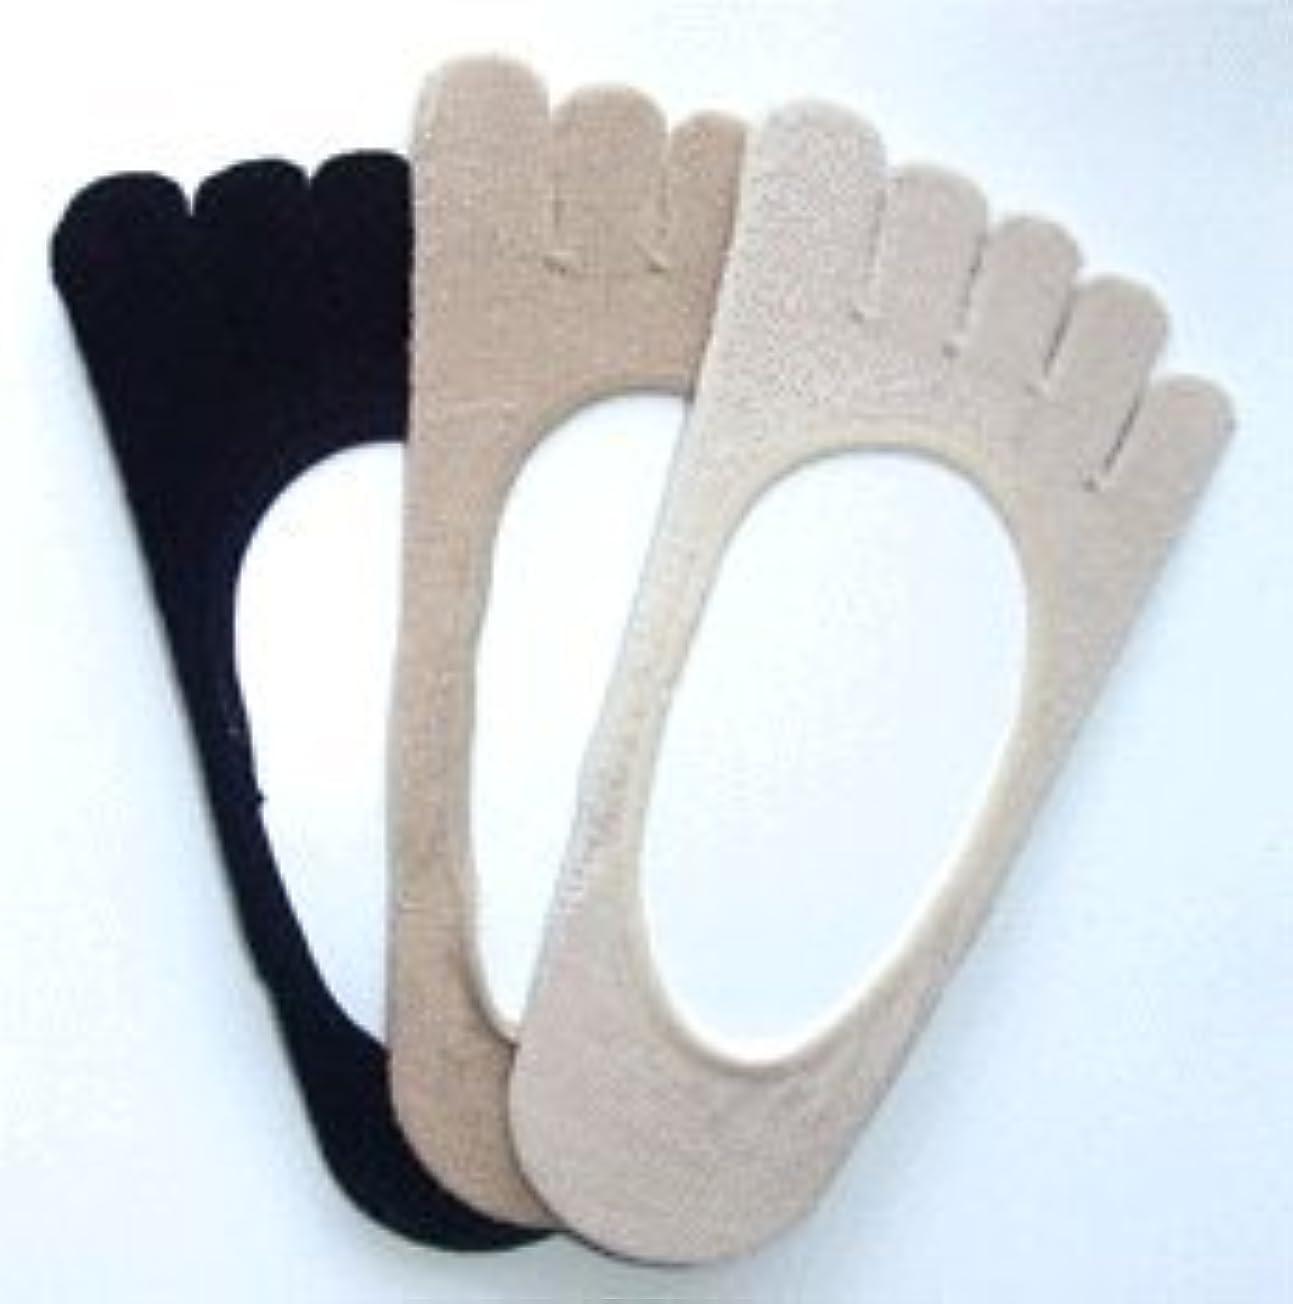 日本製 5本指フットカバー こだわりのシルク パンプスインソックス お買得3足組 (ブラック 3足組) セール開催中